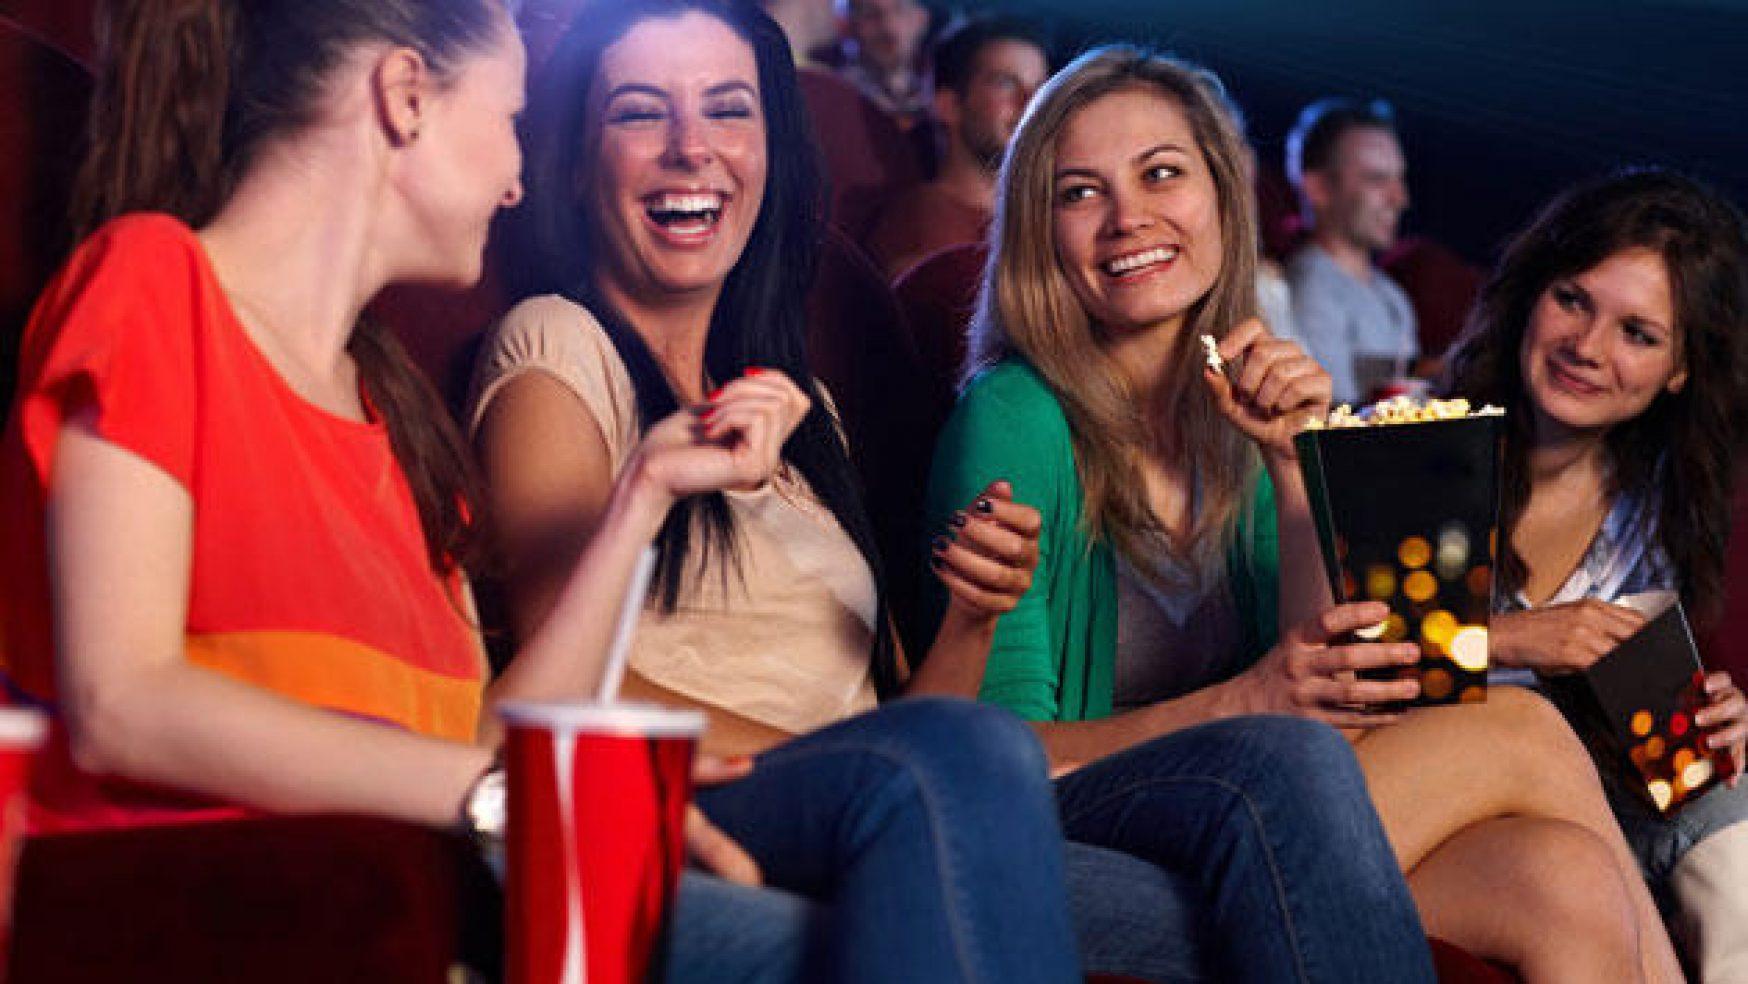 ¡Todo lo que quieres saber de la fiesta del cine!